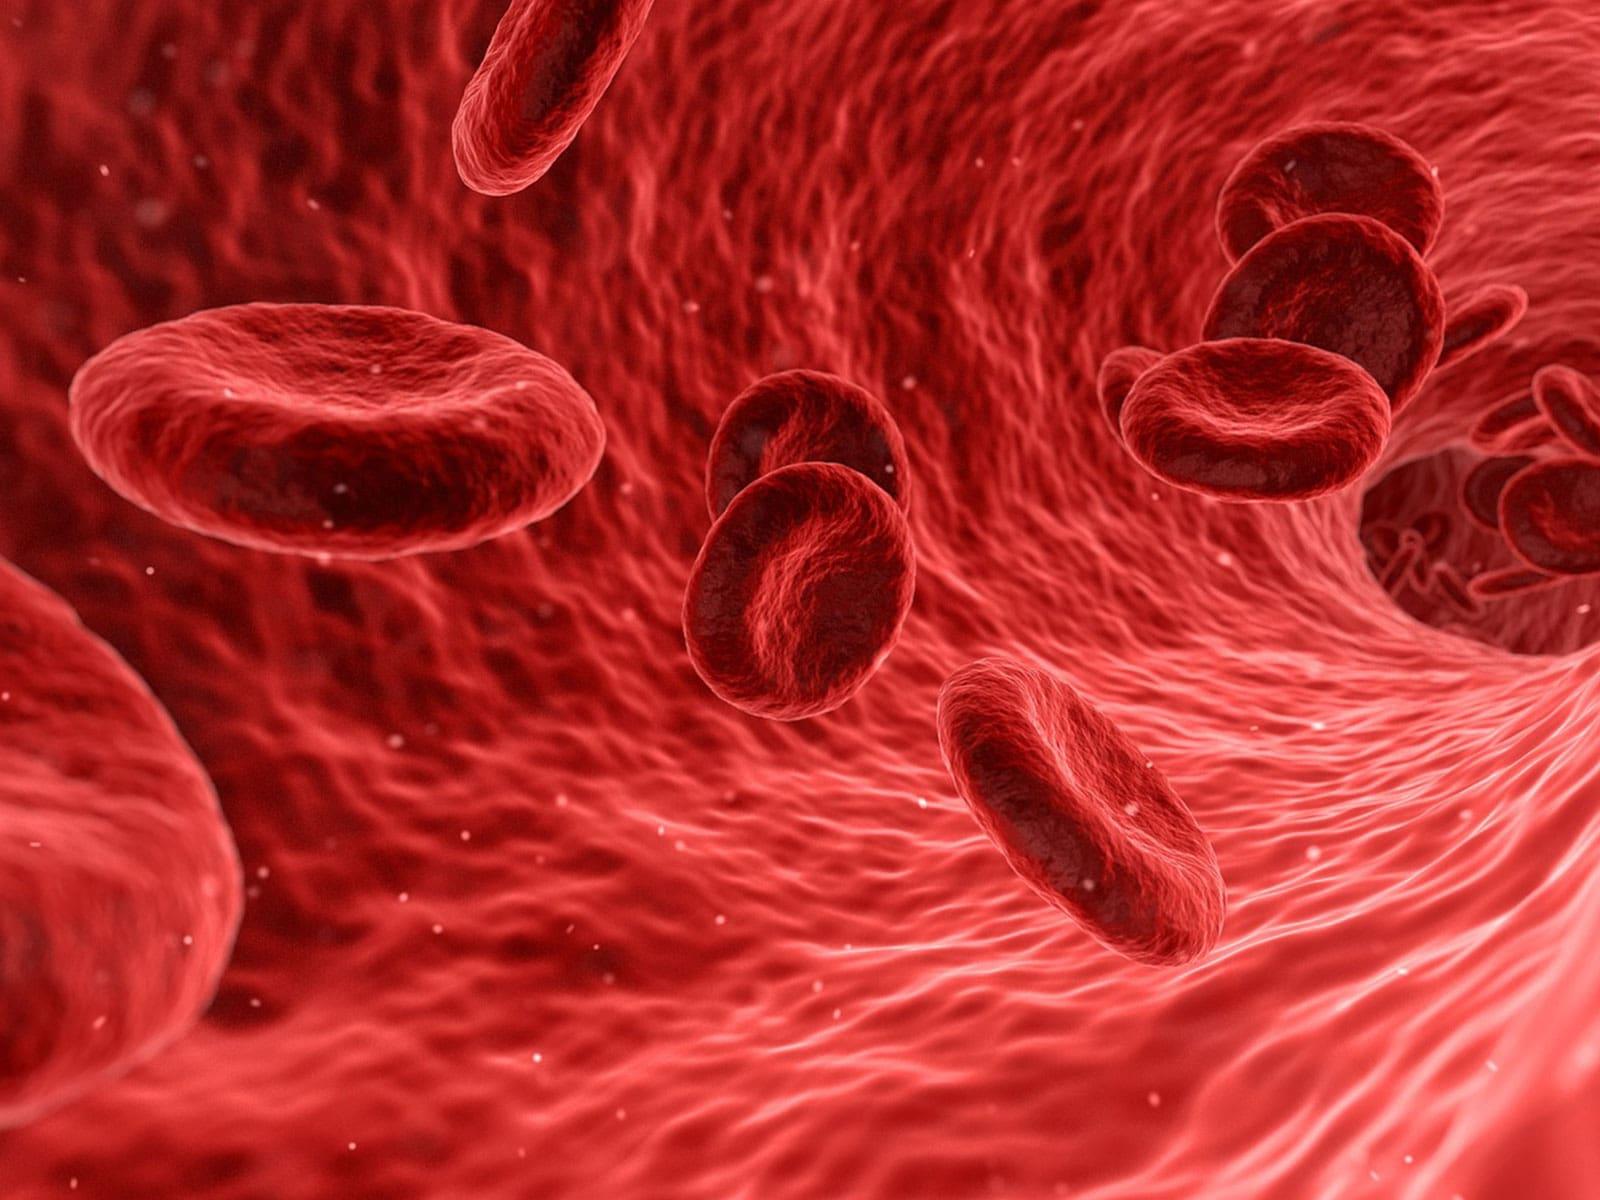 Bloedcirculatie